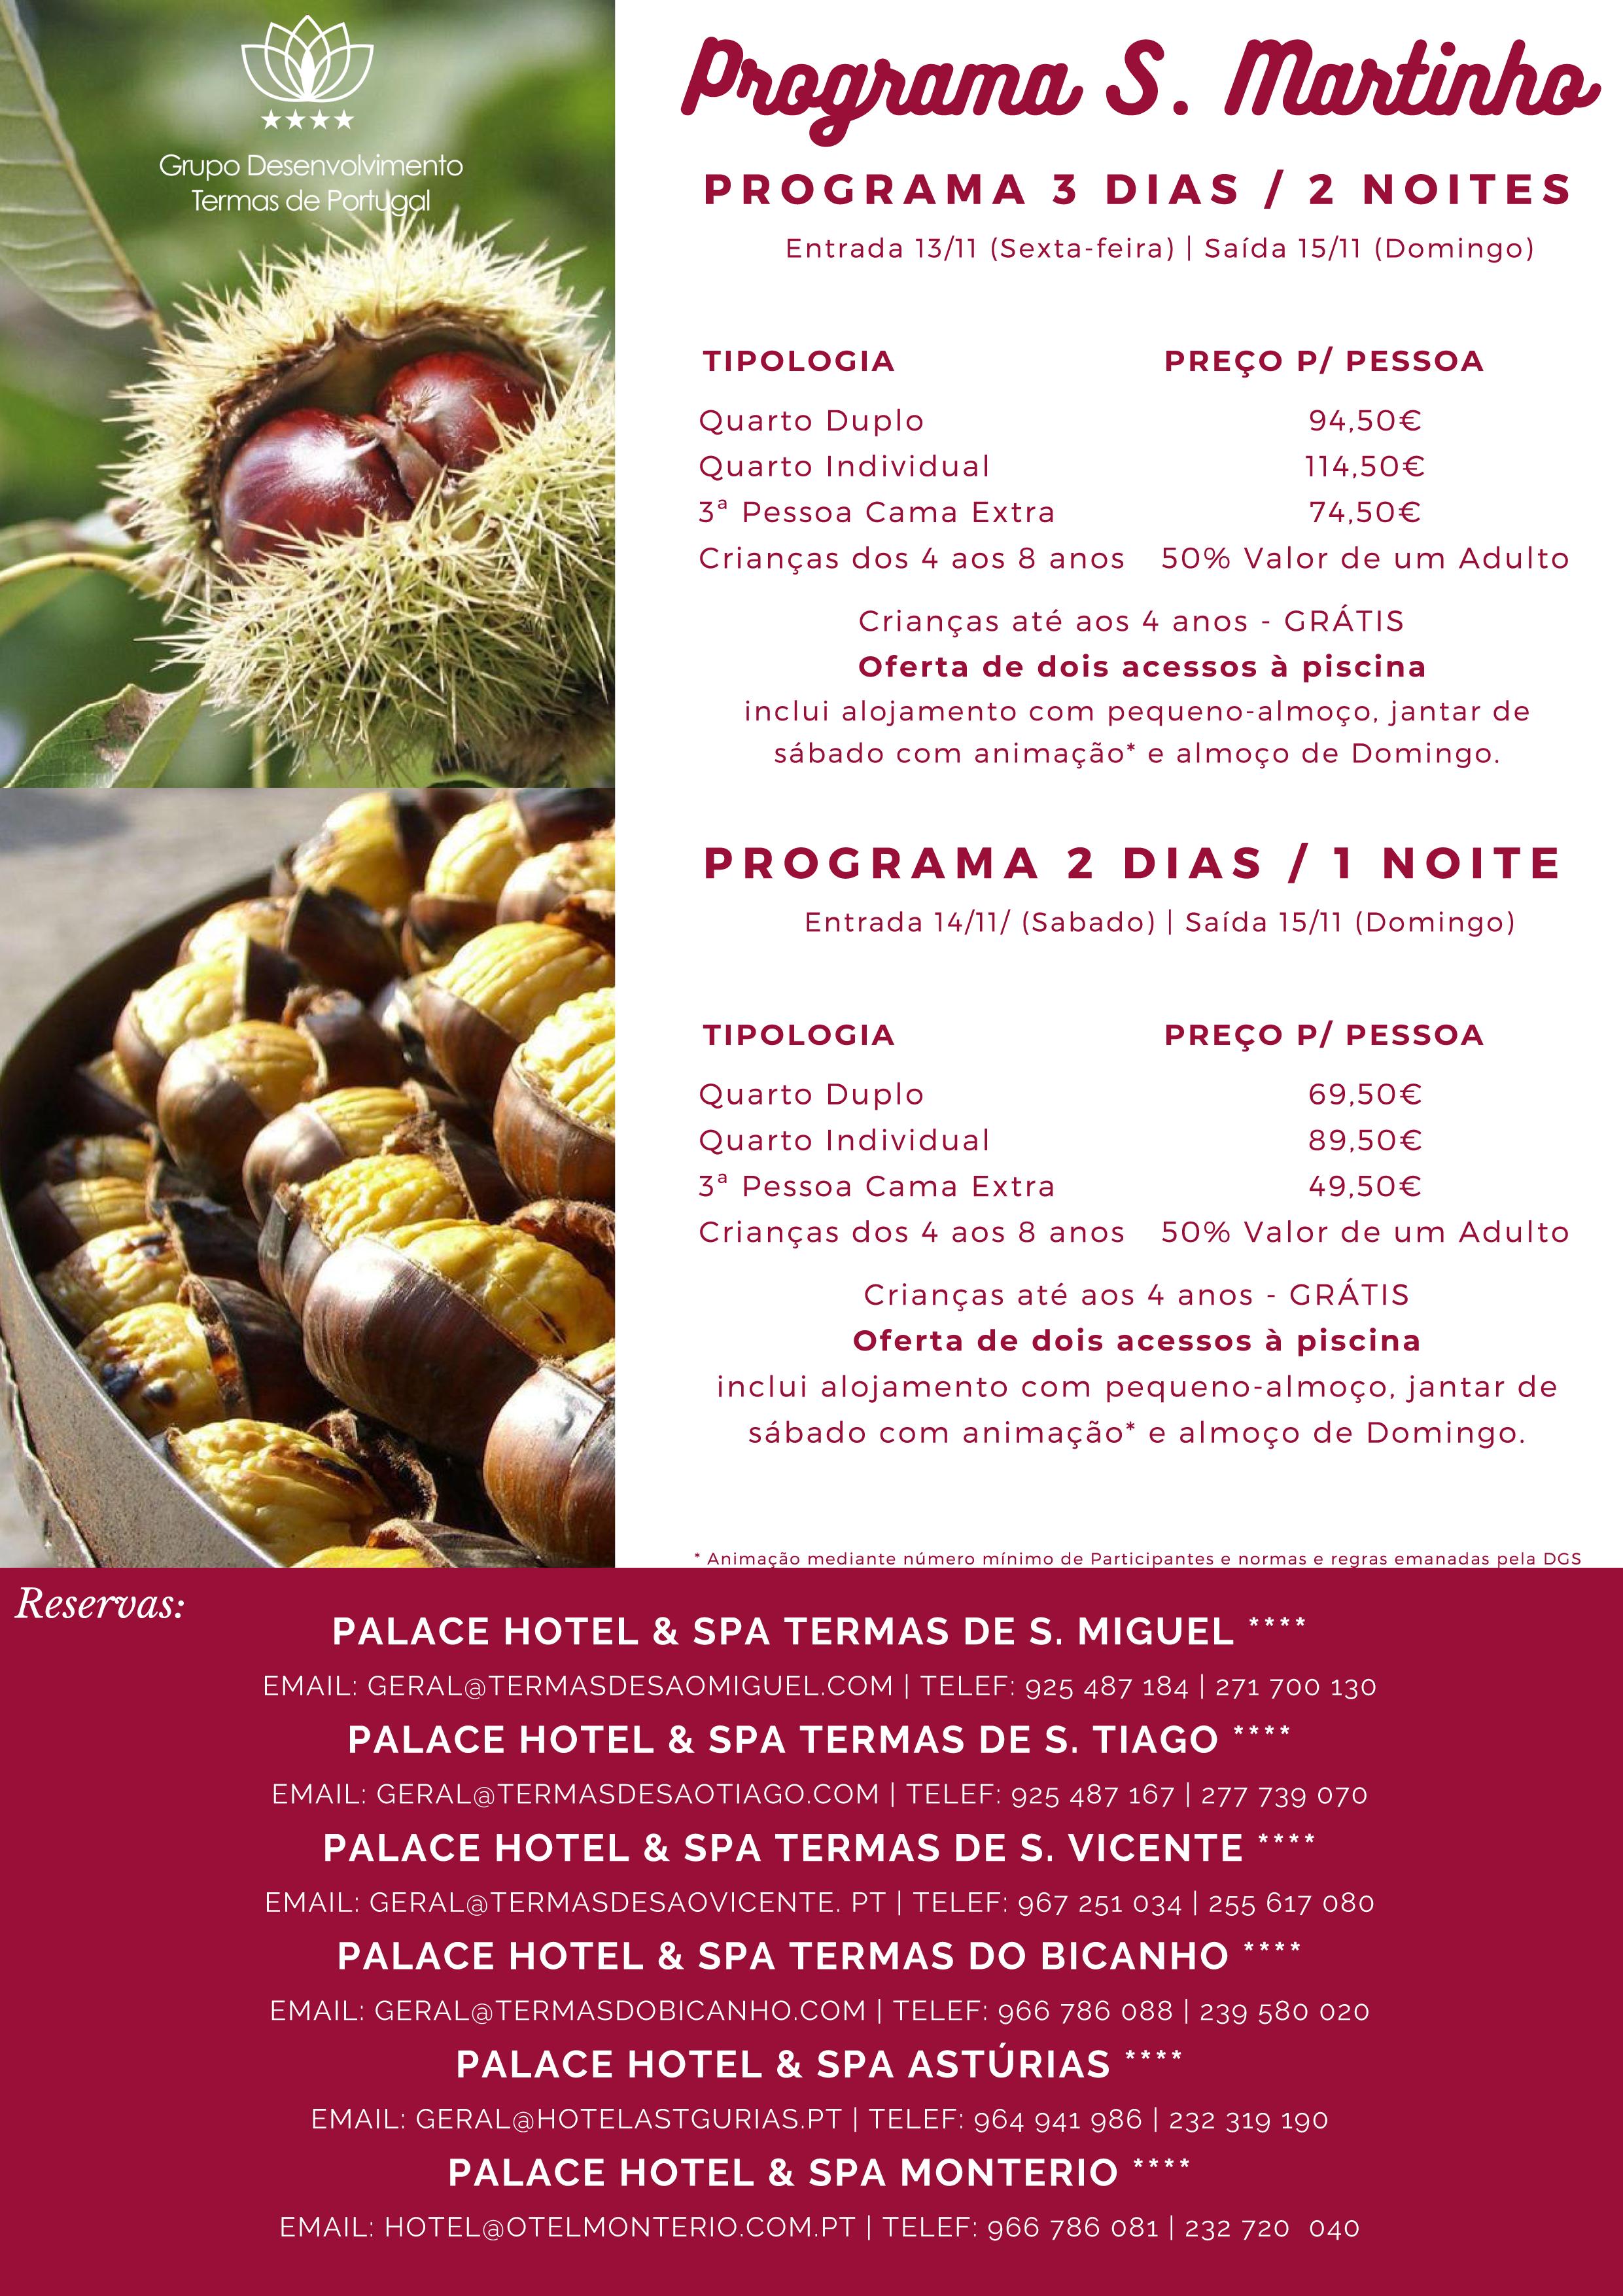 Programa de S. Martinho